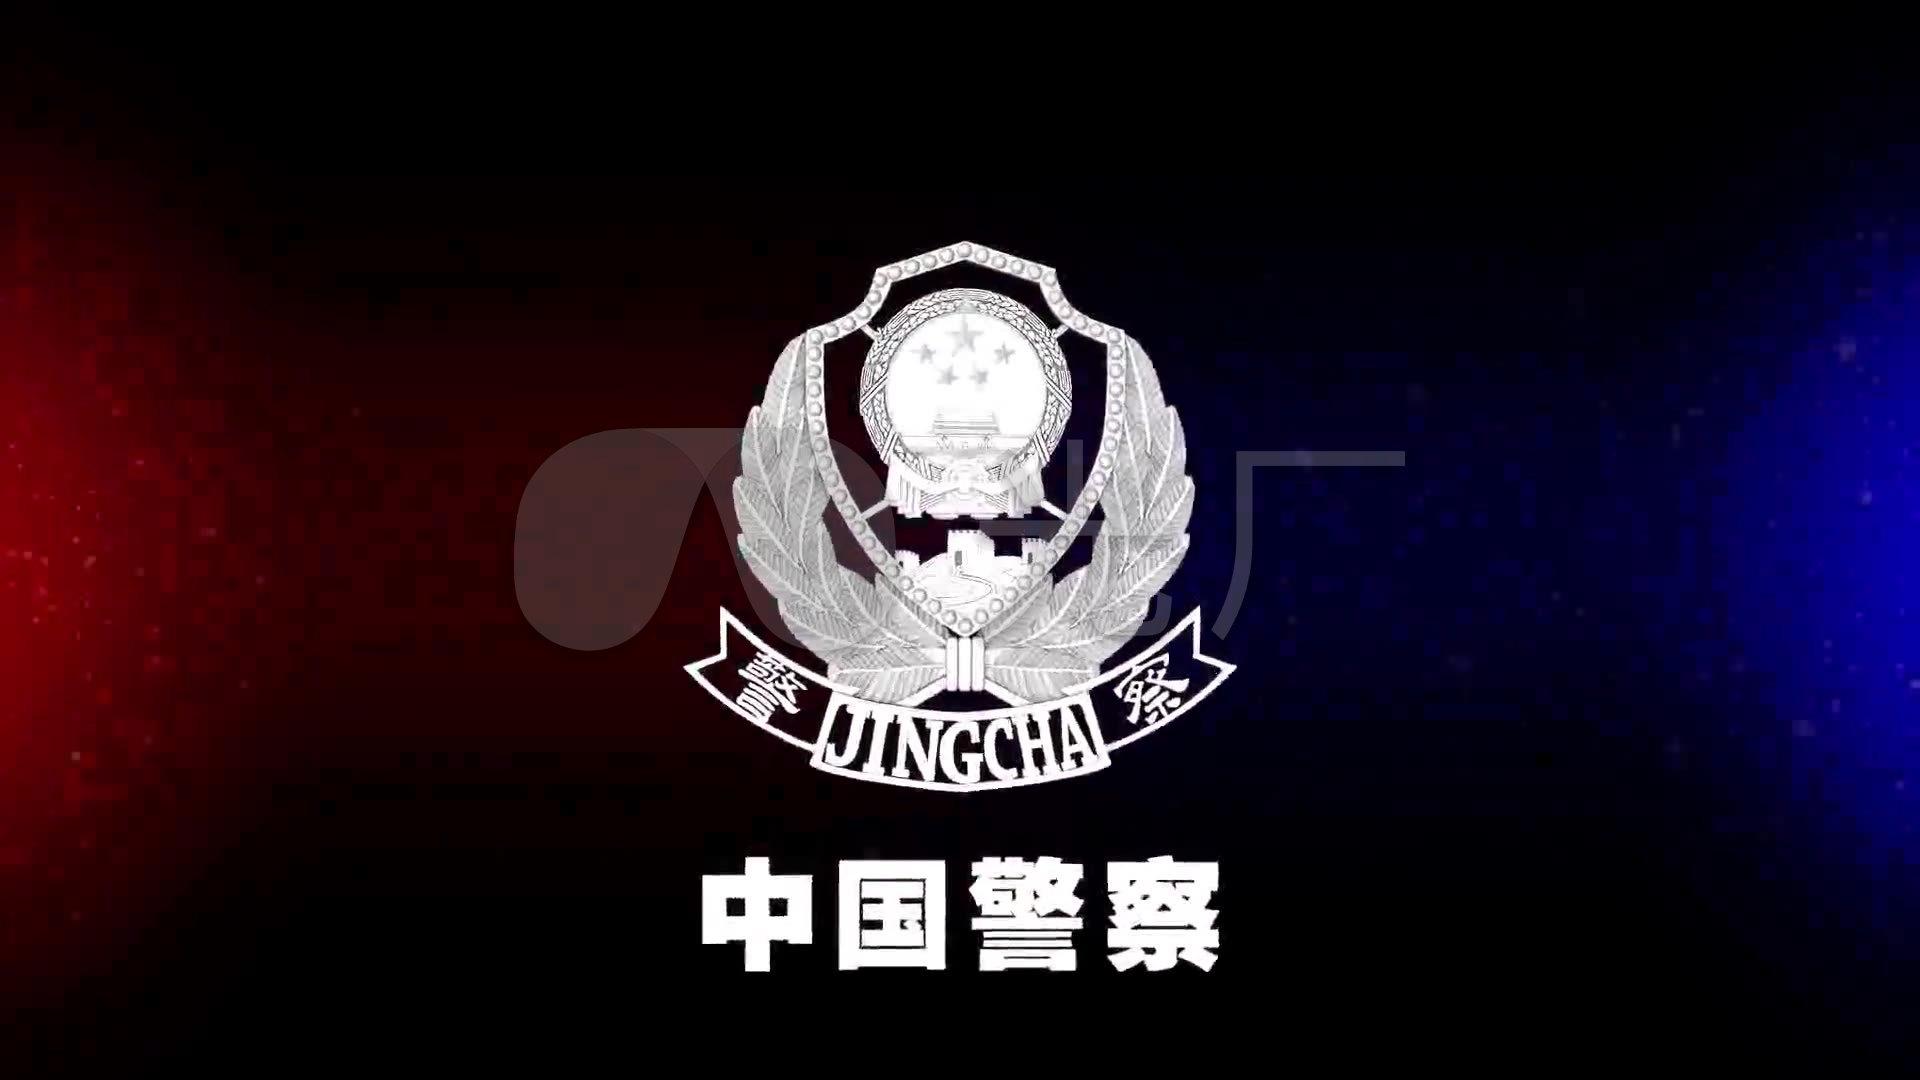 中国人民警察警徽壁纸图片大全 Uc今日头条新闻网